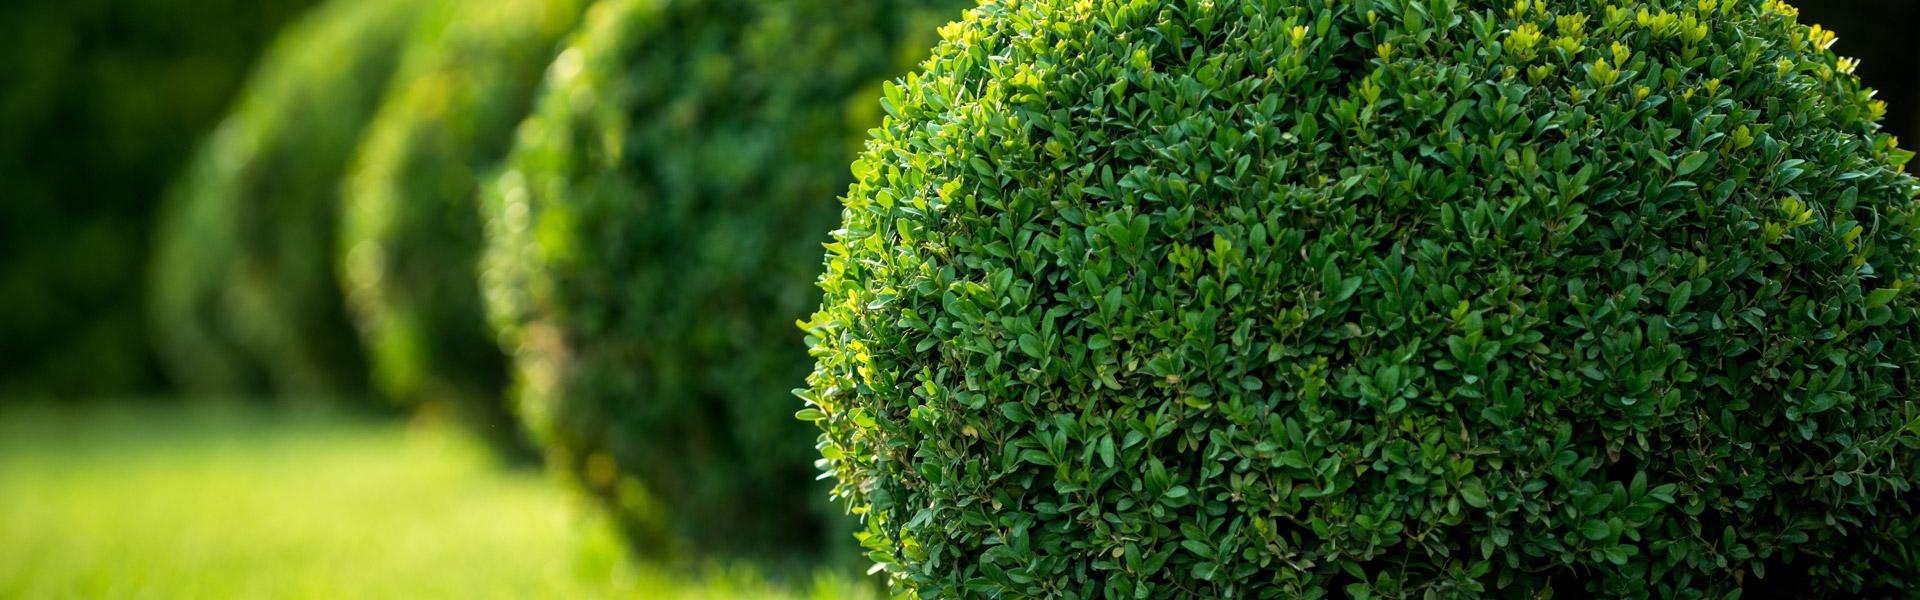 Espaces Verts, Horticulteurs, Pépiniéristes